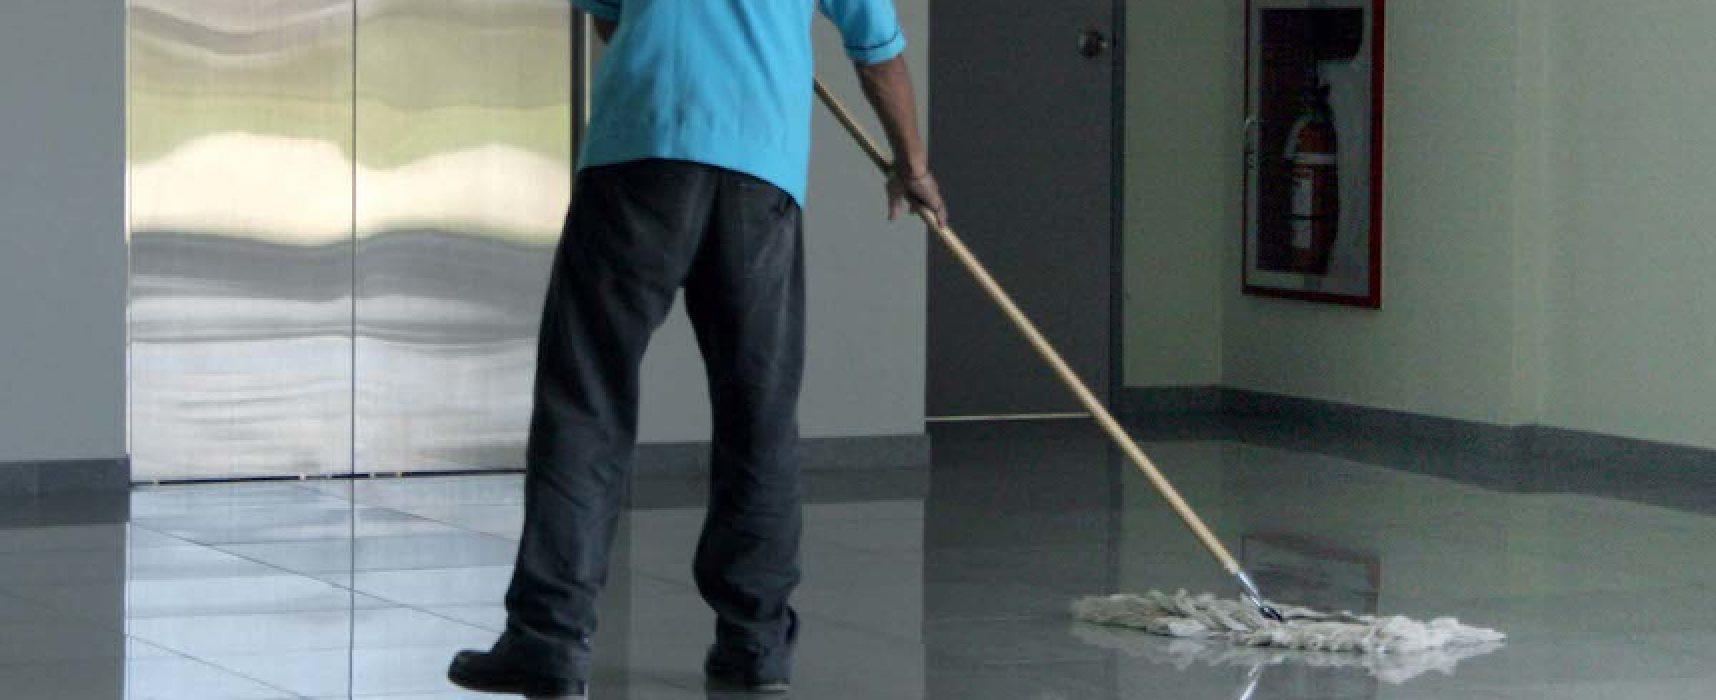 """Scadenza contratto pulizia immobili comunali, Filcams Cgil Bat: """"Cosa accadrà da lunedì?"""""""